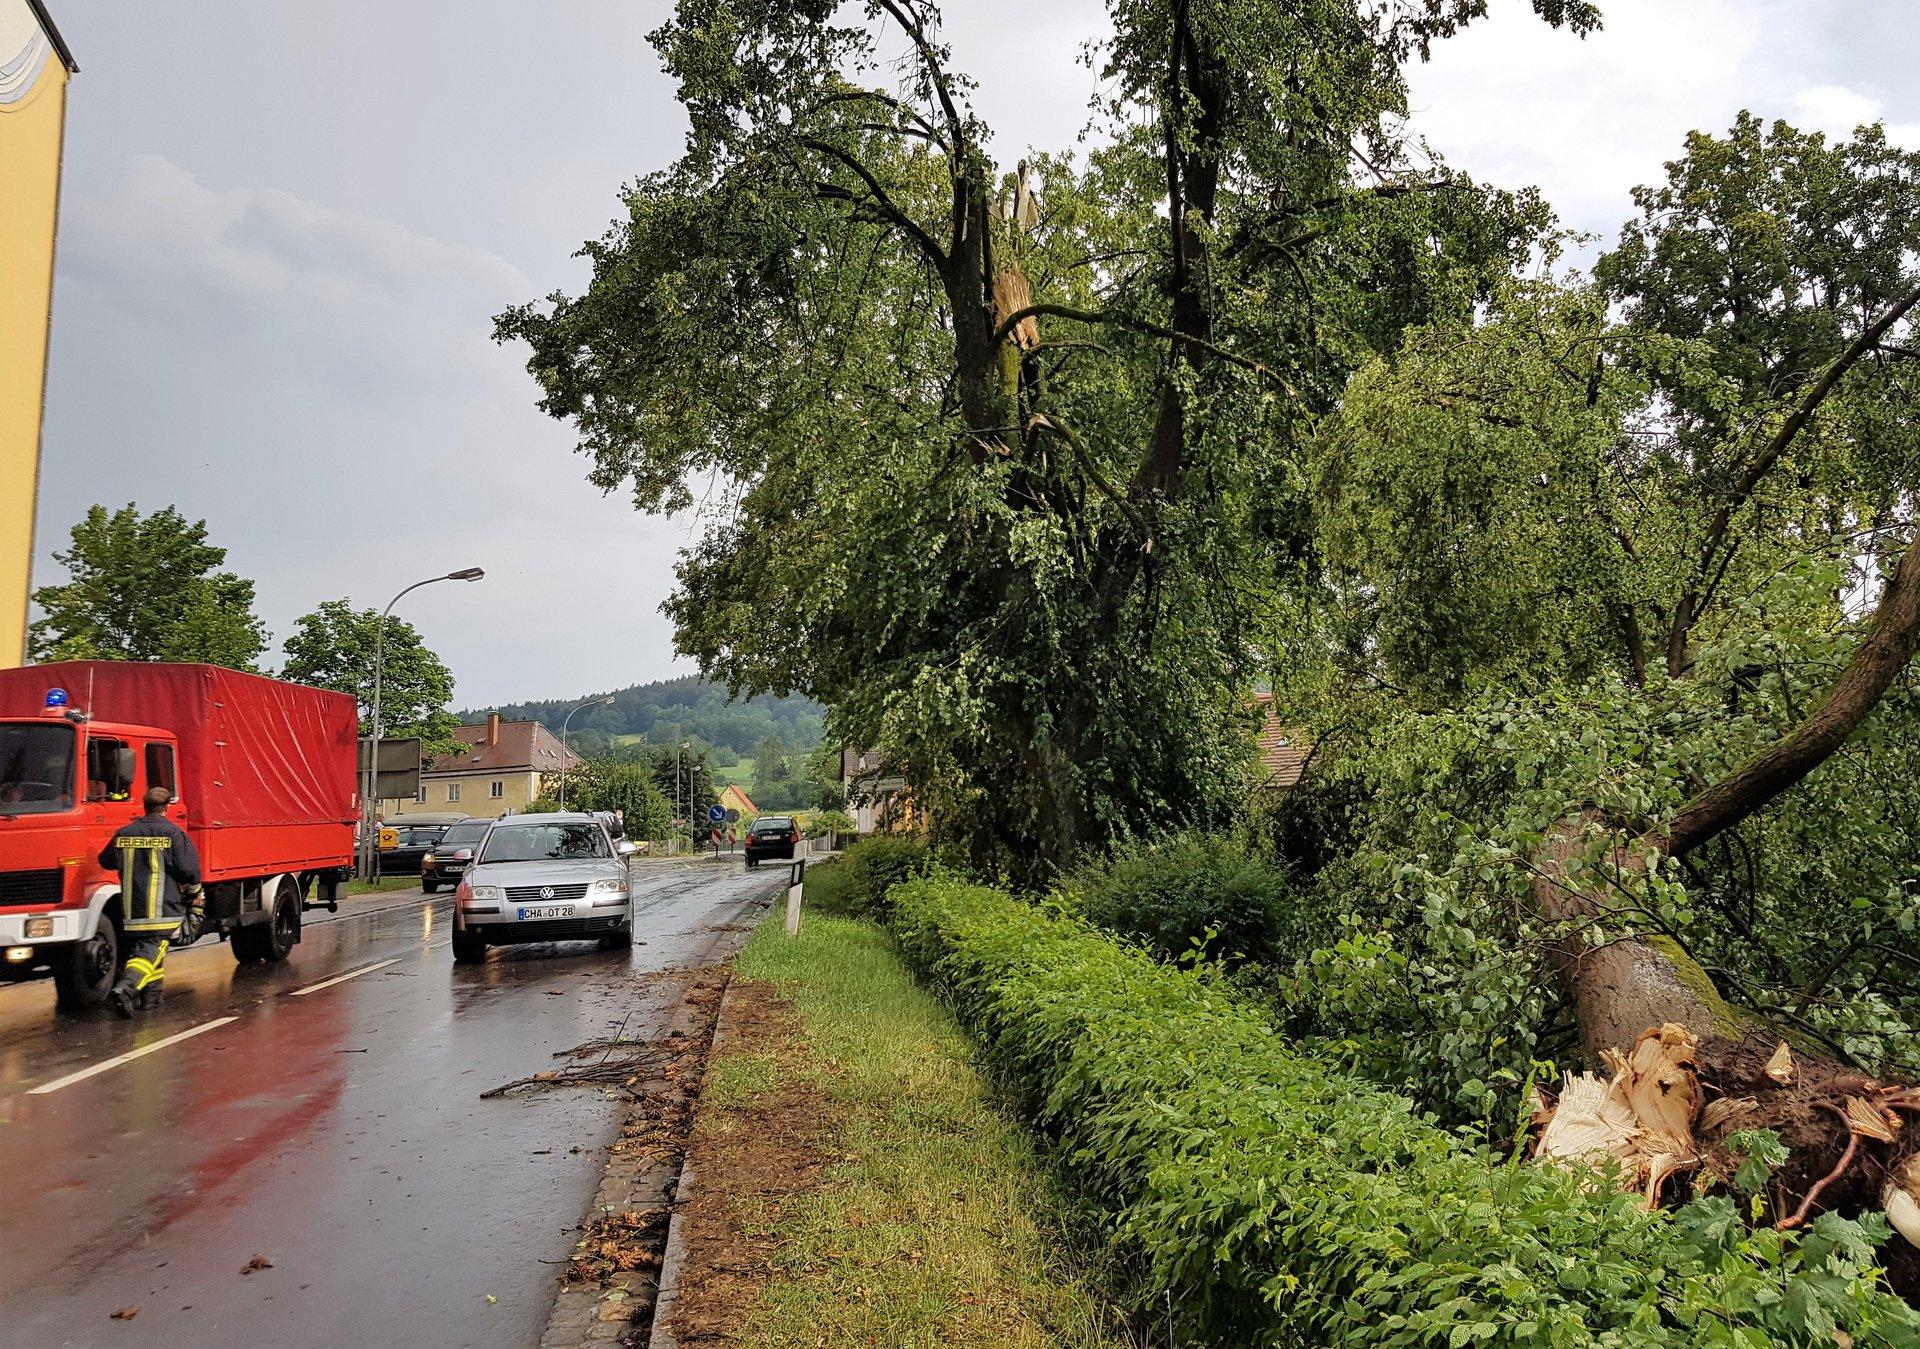 Feuerwehr Waldmünchen Extremes Unwetter Sorgte Für 39 Einsätze